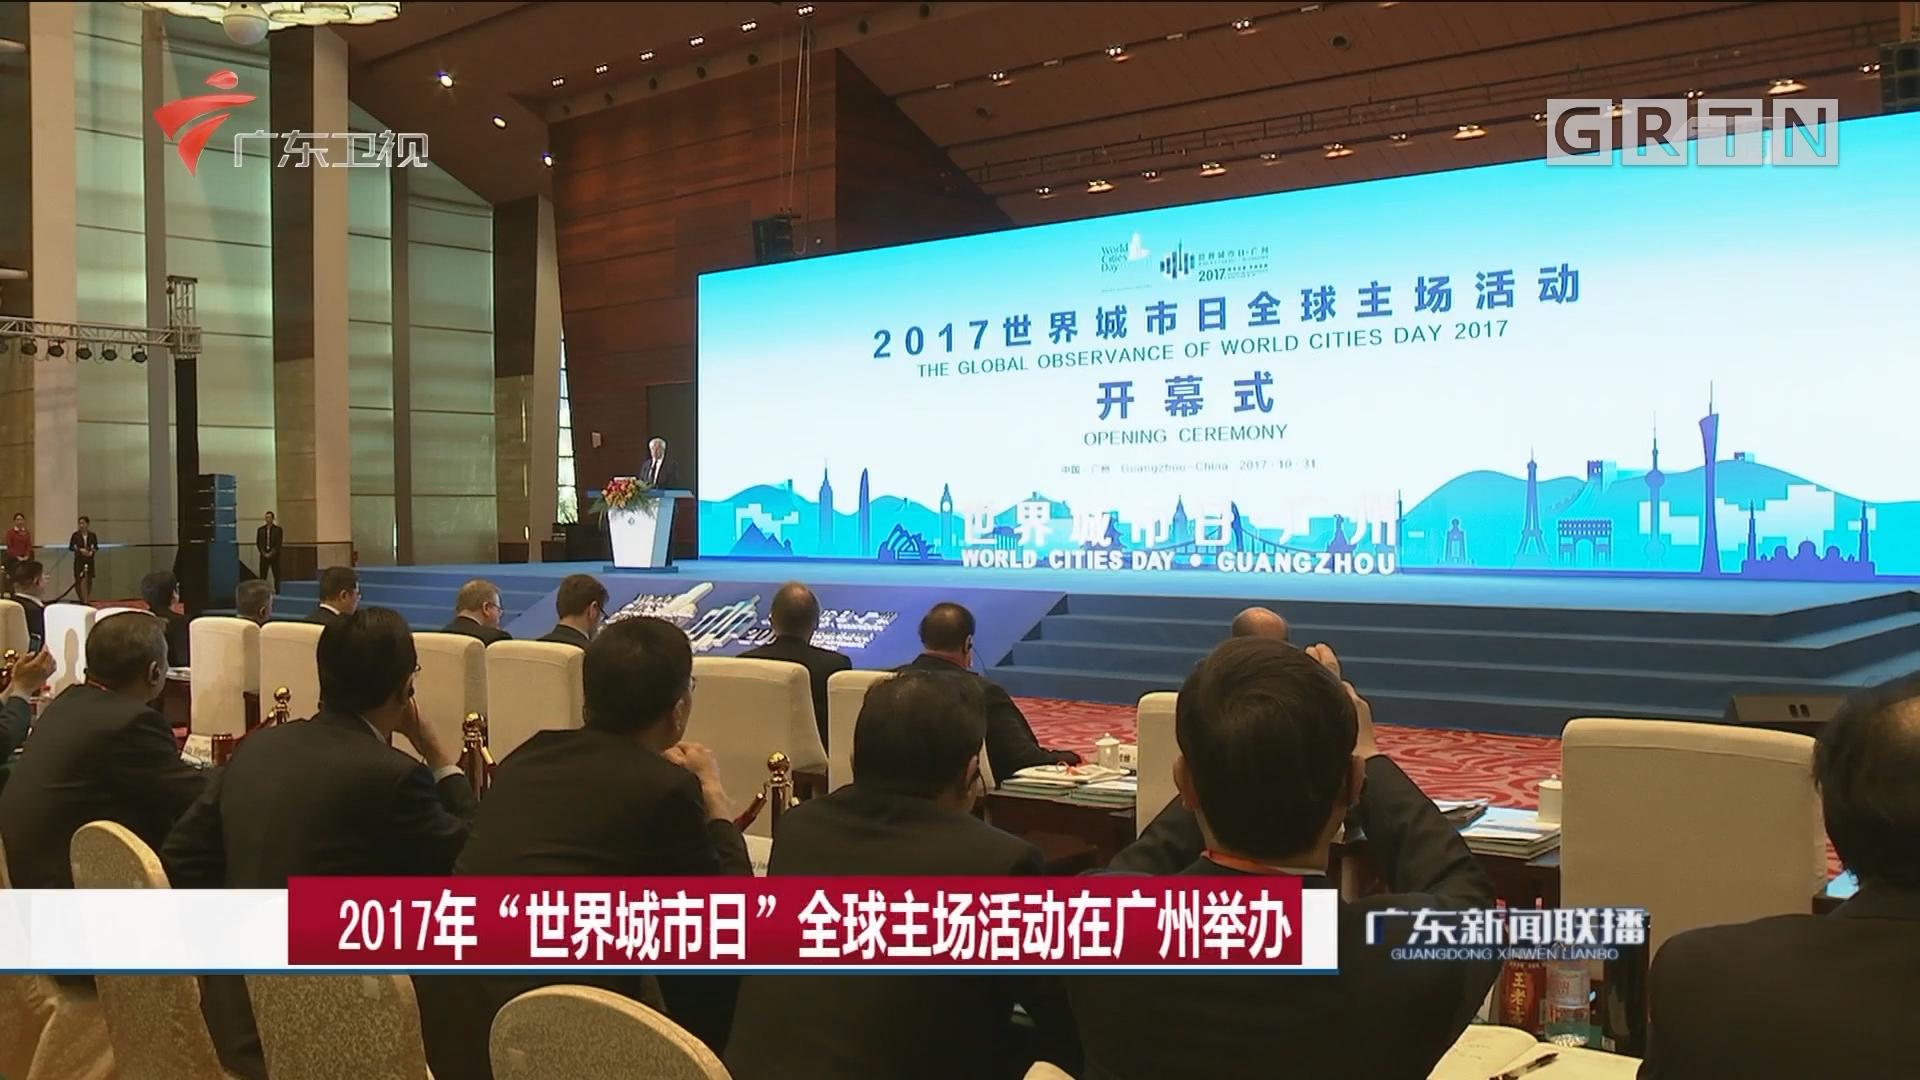 """2017年""""世界城市日""""全球主场活动在广州举办"""